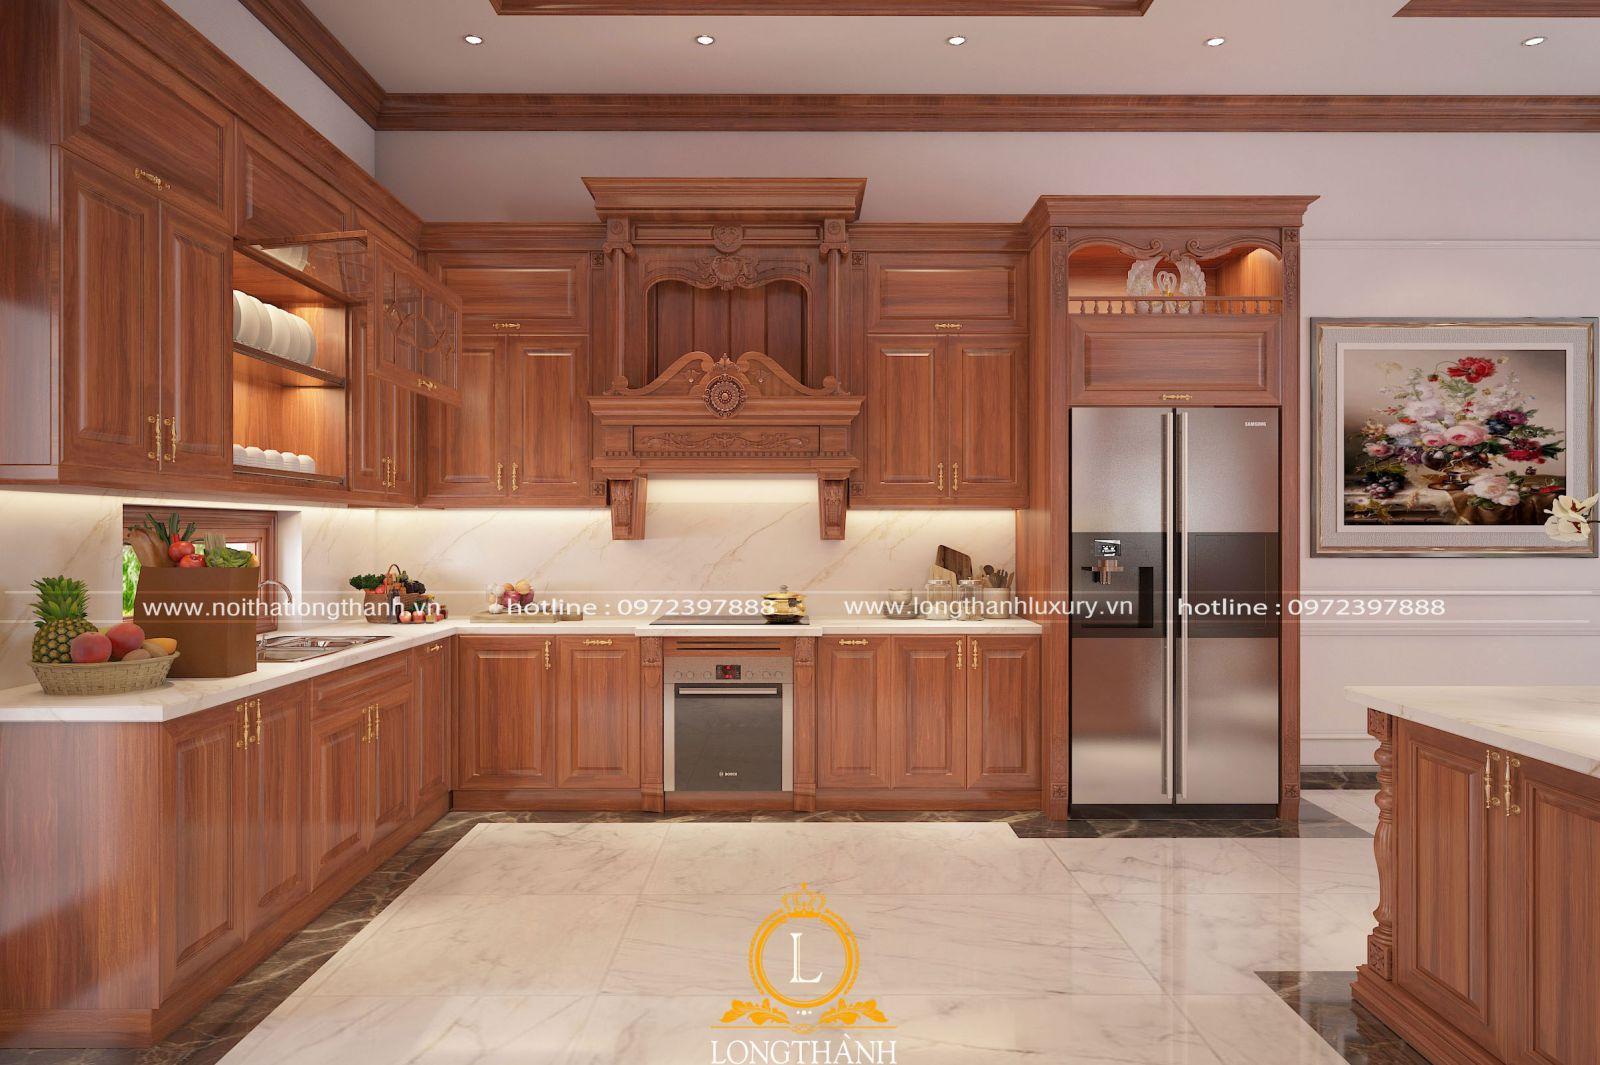 Bộ tủ bếp tân cổ điển với gam màu vàng bóng đẹp và chất lượng từ gỗ Gõ tự nhiên